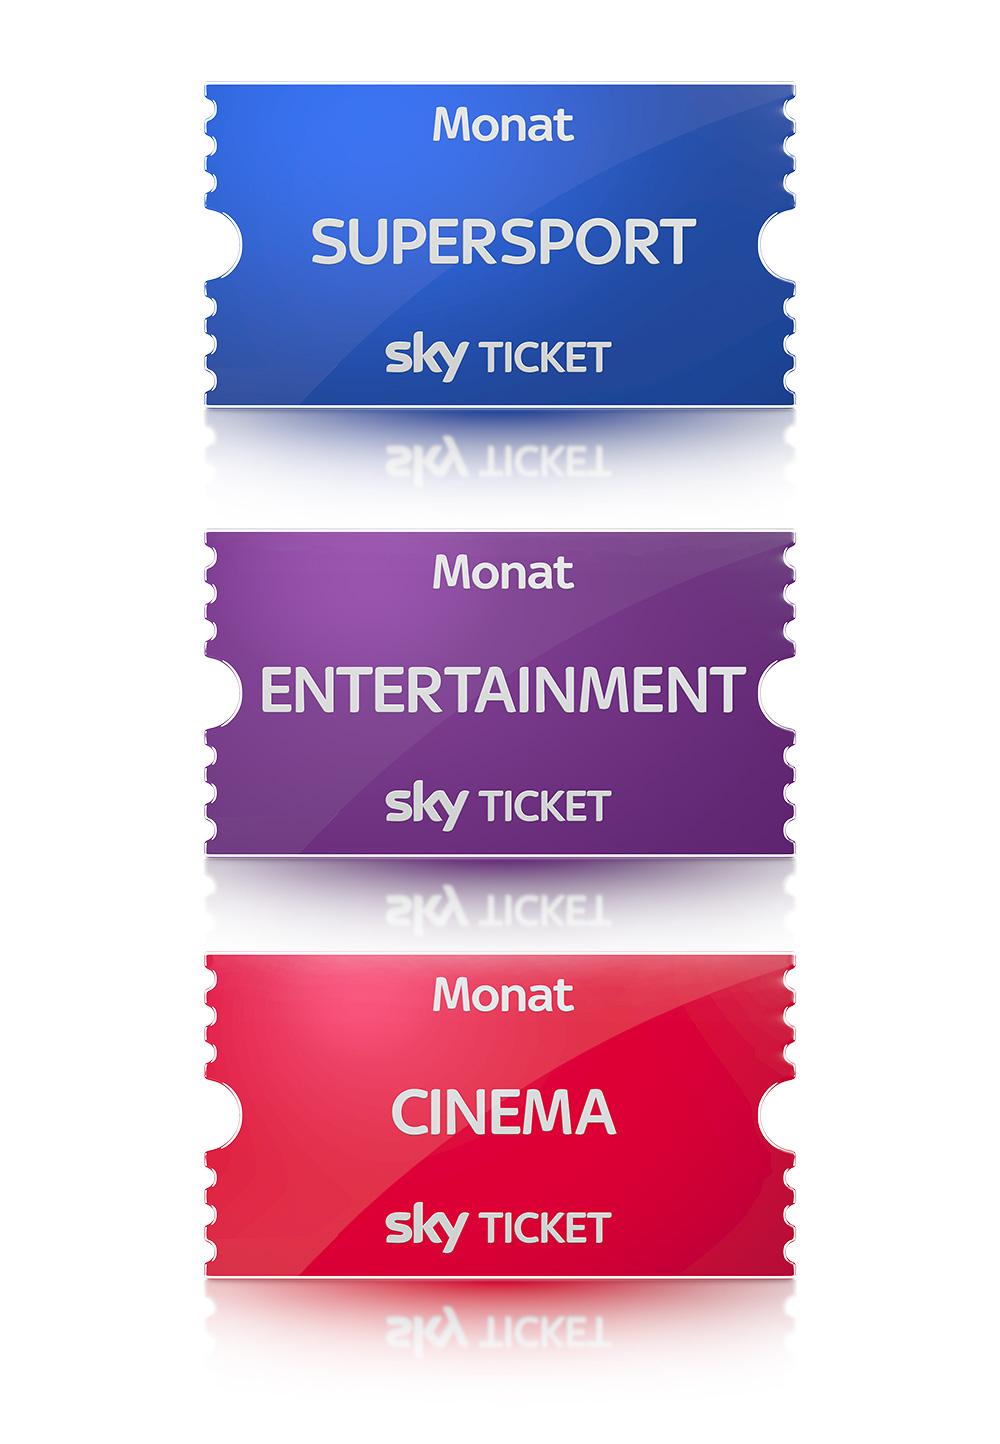 [Sky] Einen Monat ALLE Sky Tickets für Neukunden zusammen für 9,99 € - monatlich kündbar.